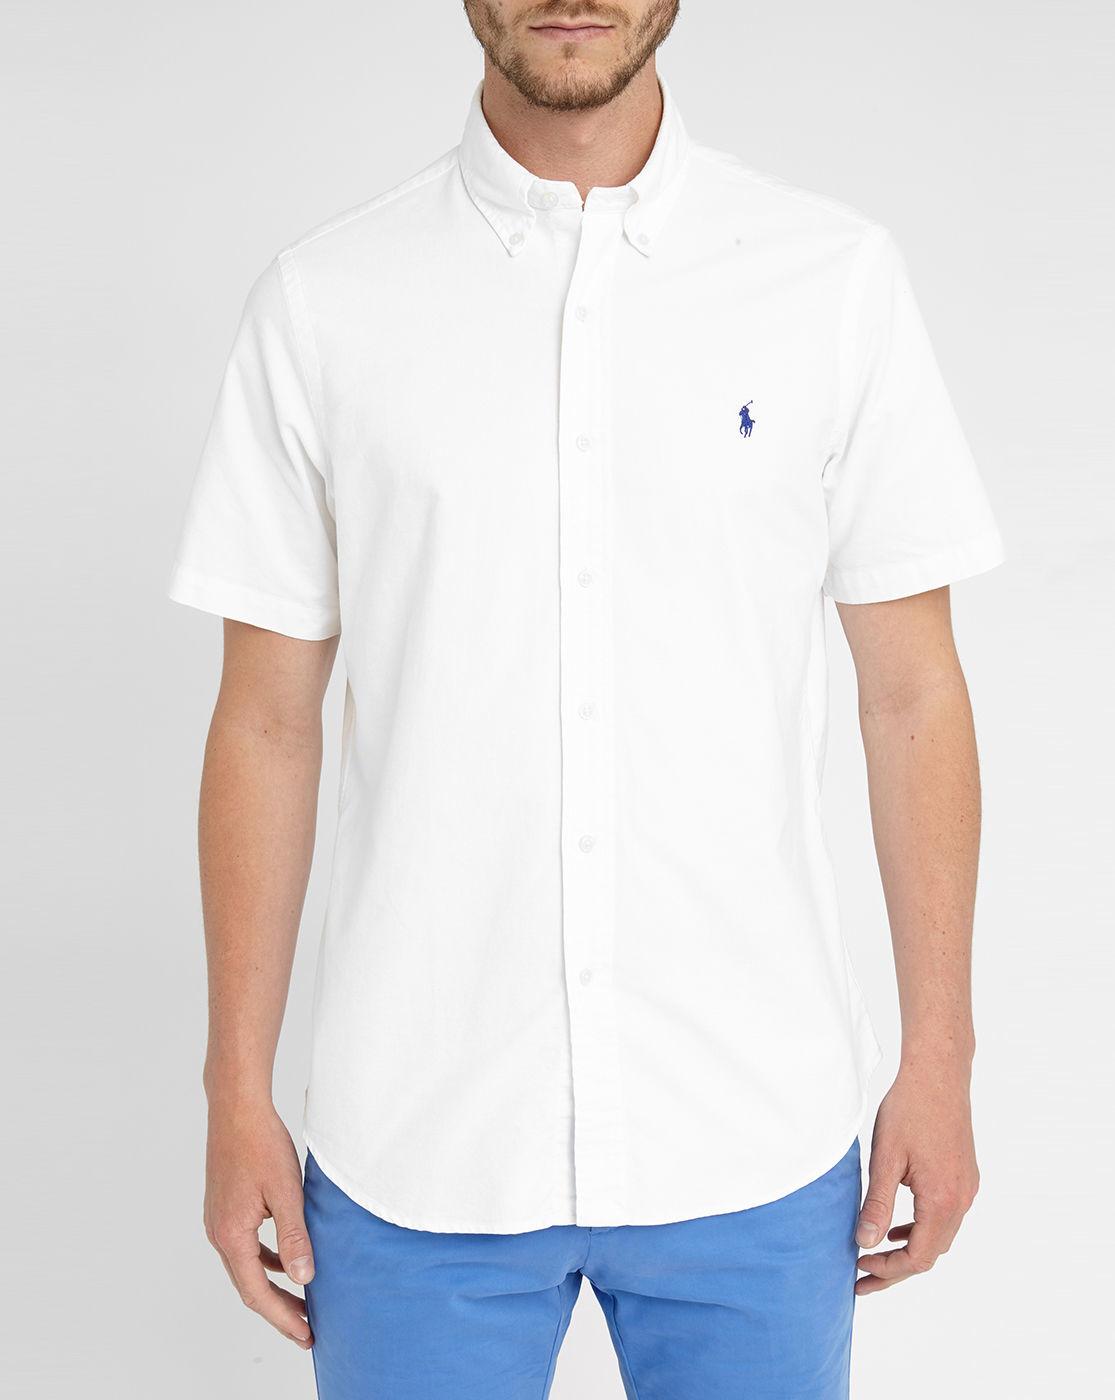 Polo Ralph Lauren White Custom Oxford Short Sleeve Shirt